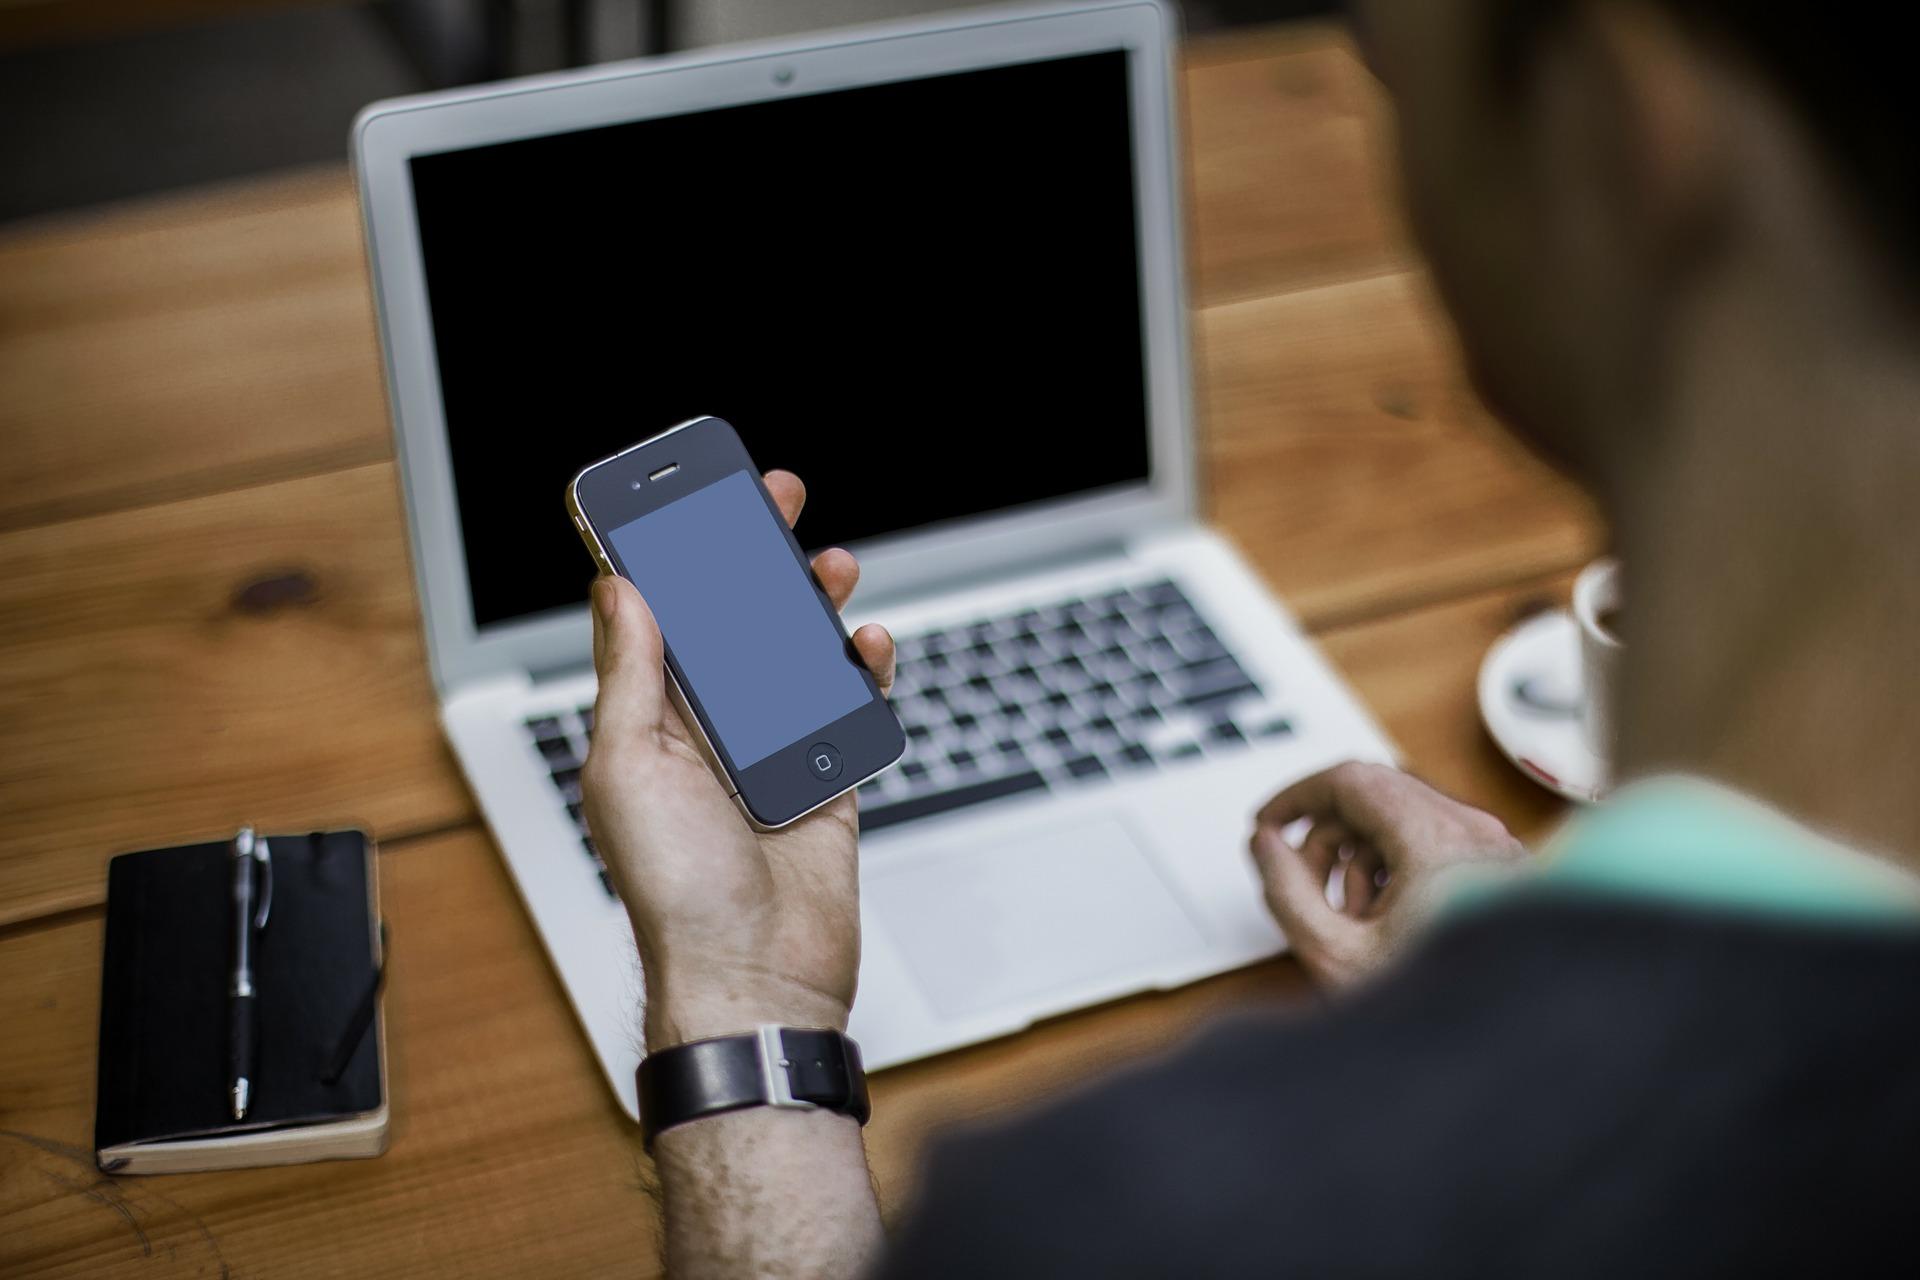 法人携帯のメリット 電話帳・請求・明細・携帯契約の一括管理